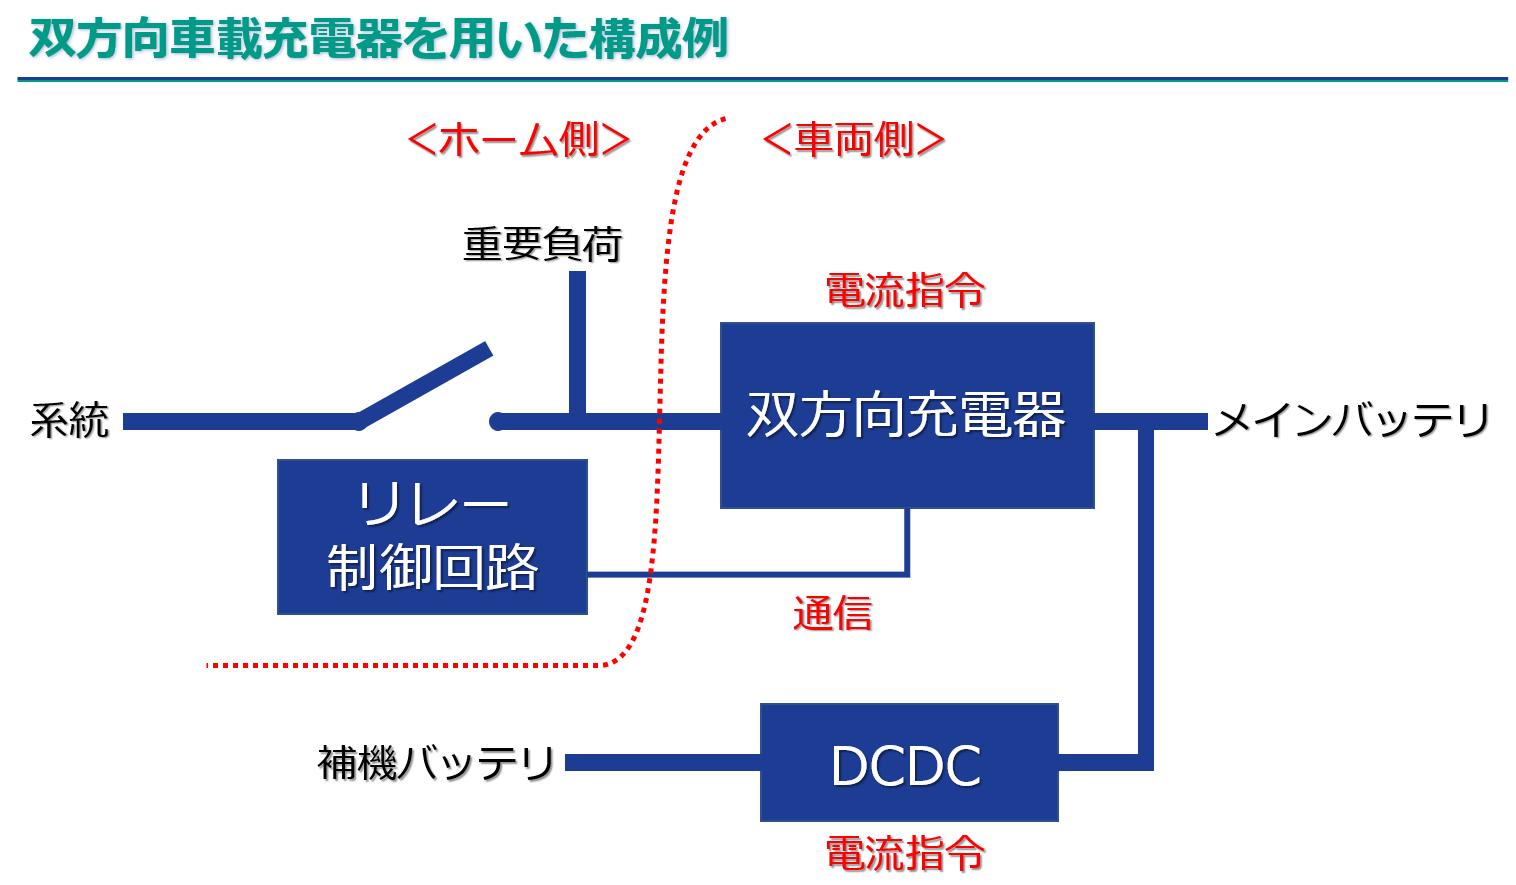 OBC Diagram